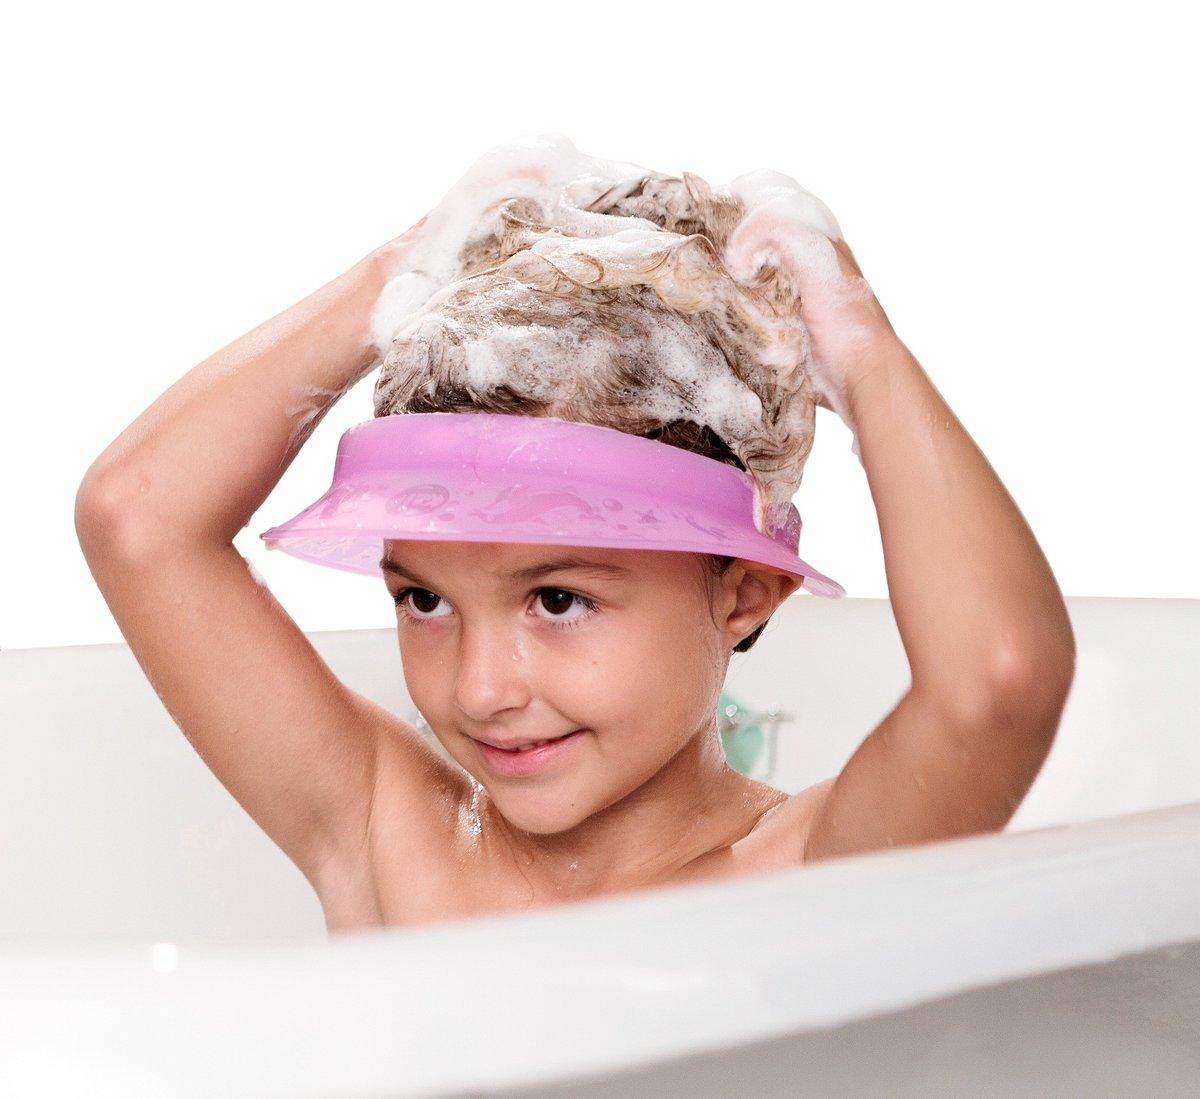 Козырек для мытья головы своими руками